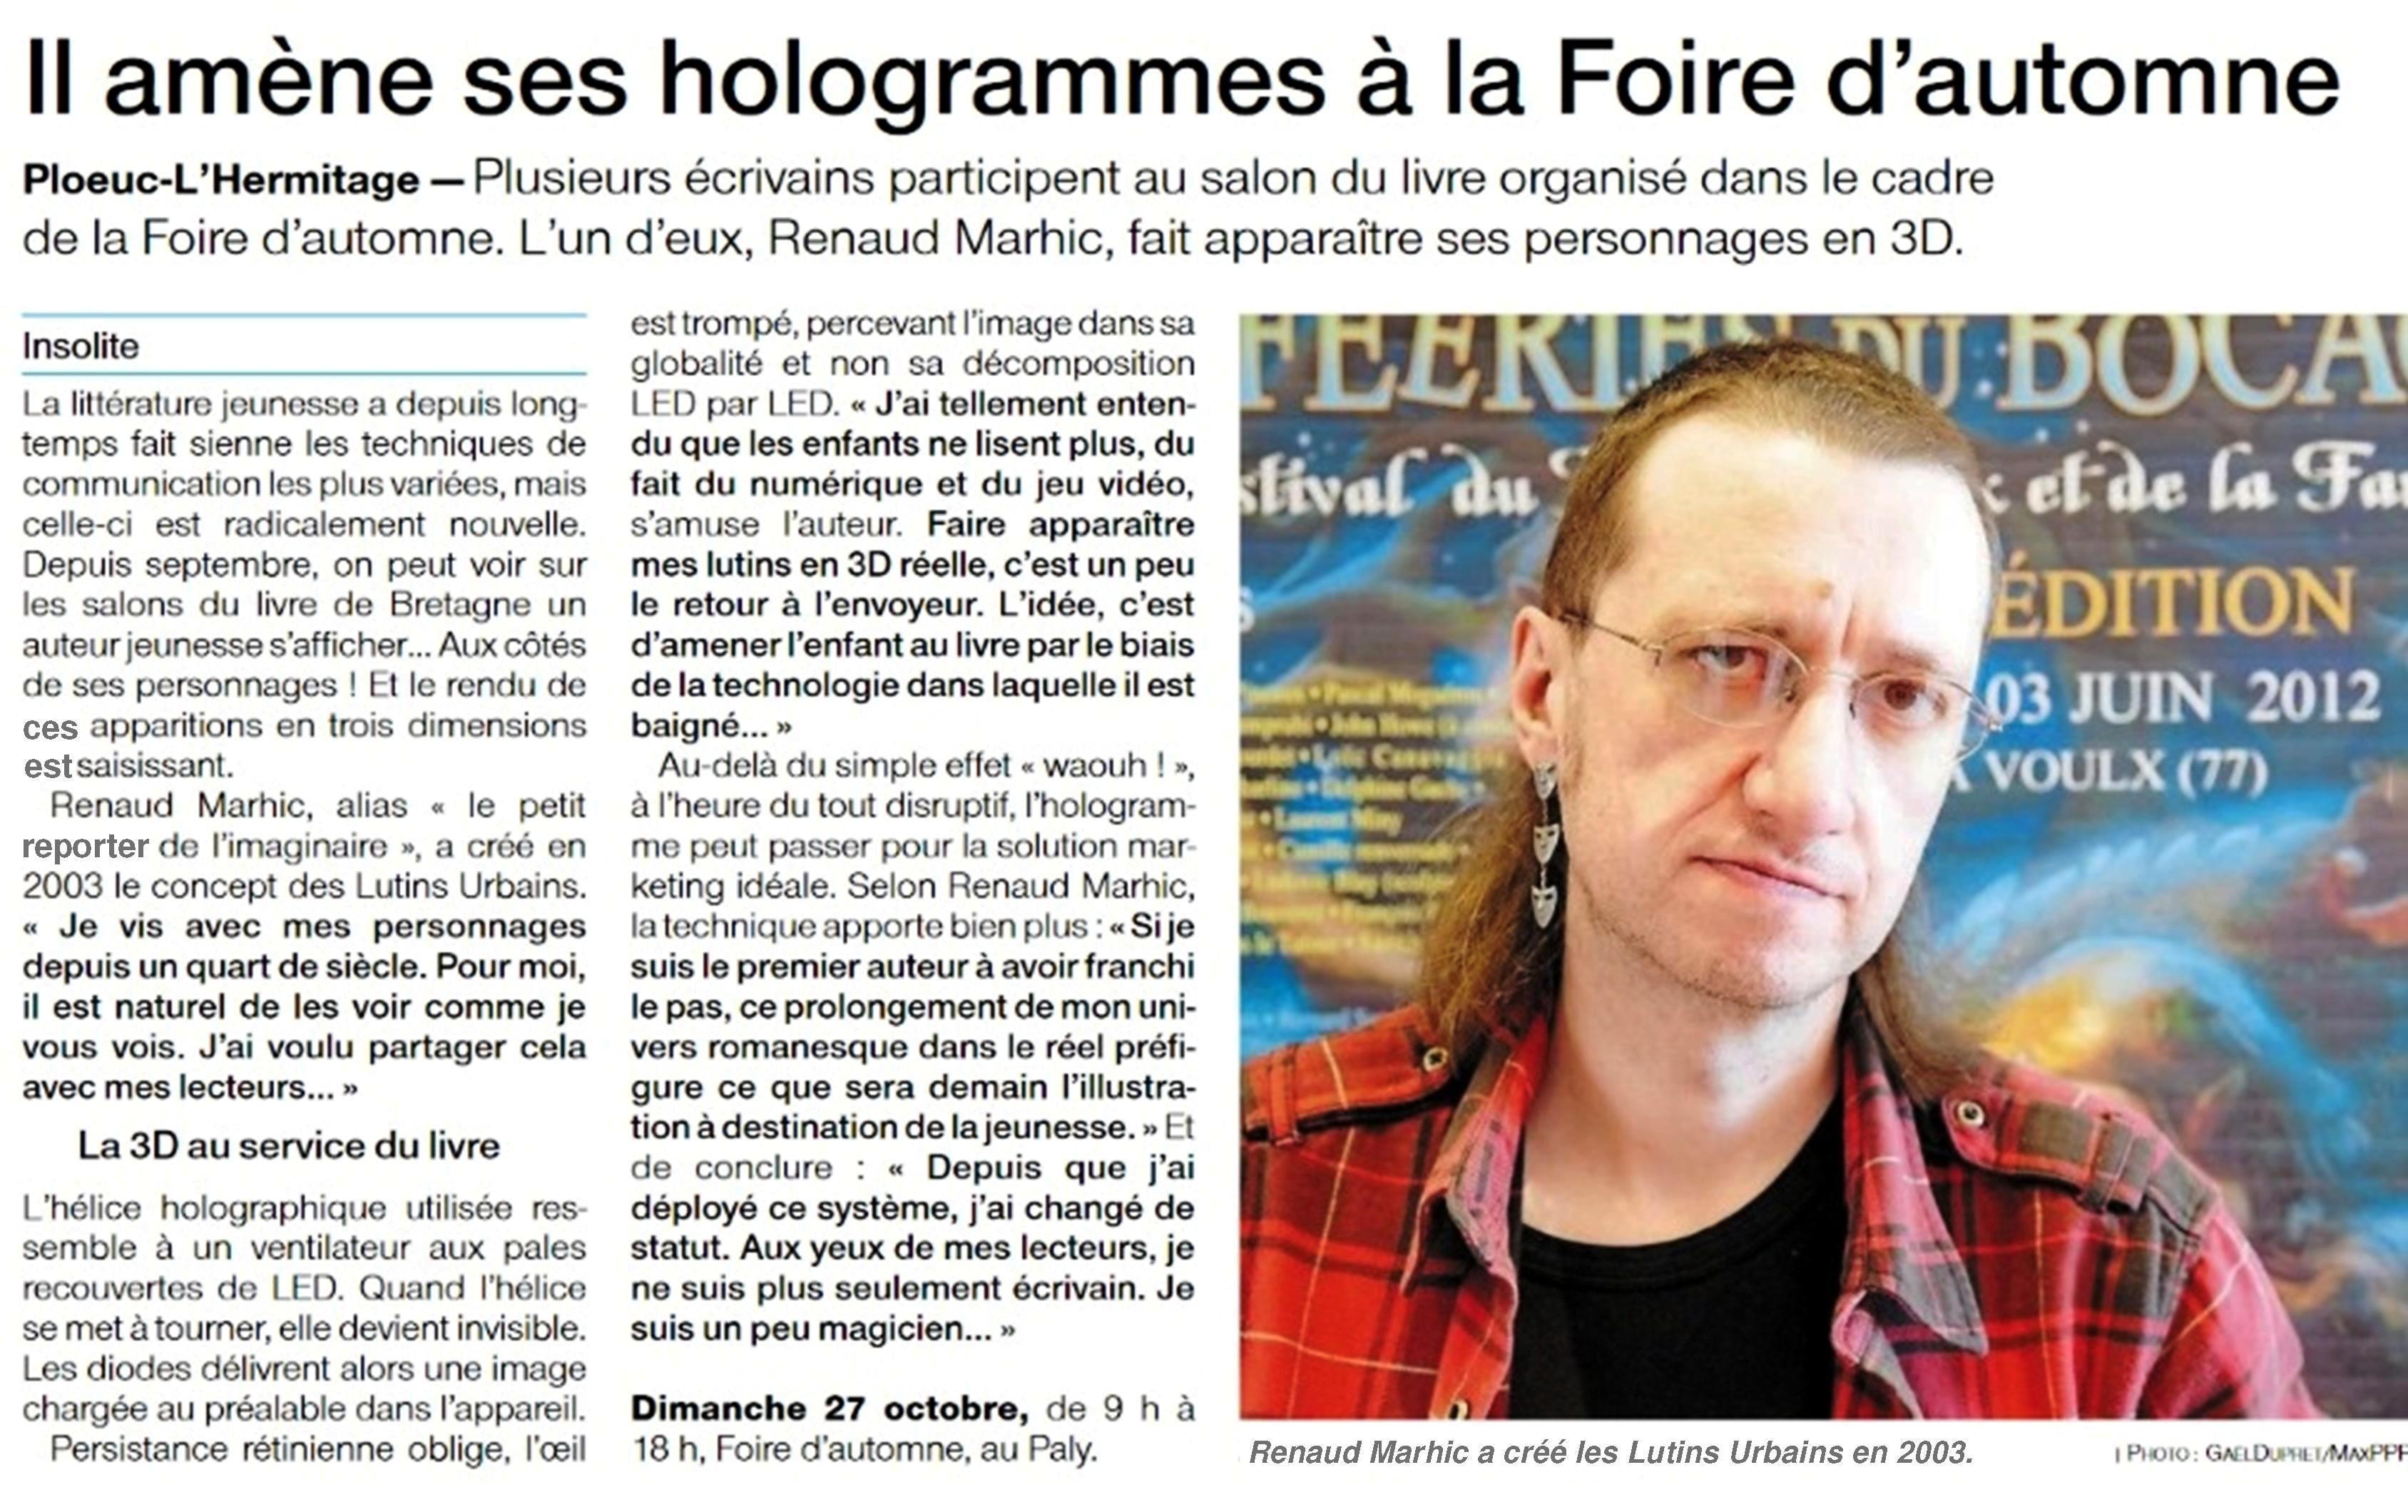 Petit Reporter de l'Imaginaire : dans le journal à Plœuc-L'Hermitage